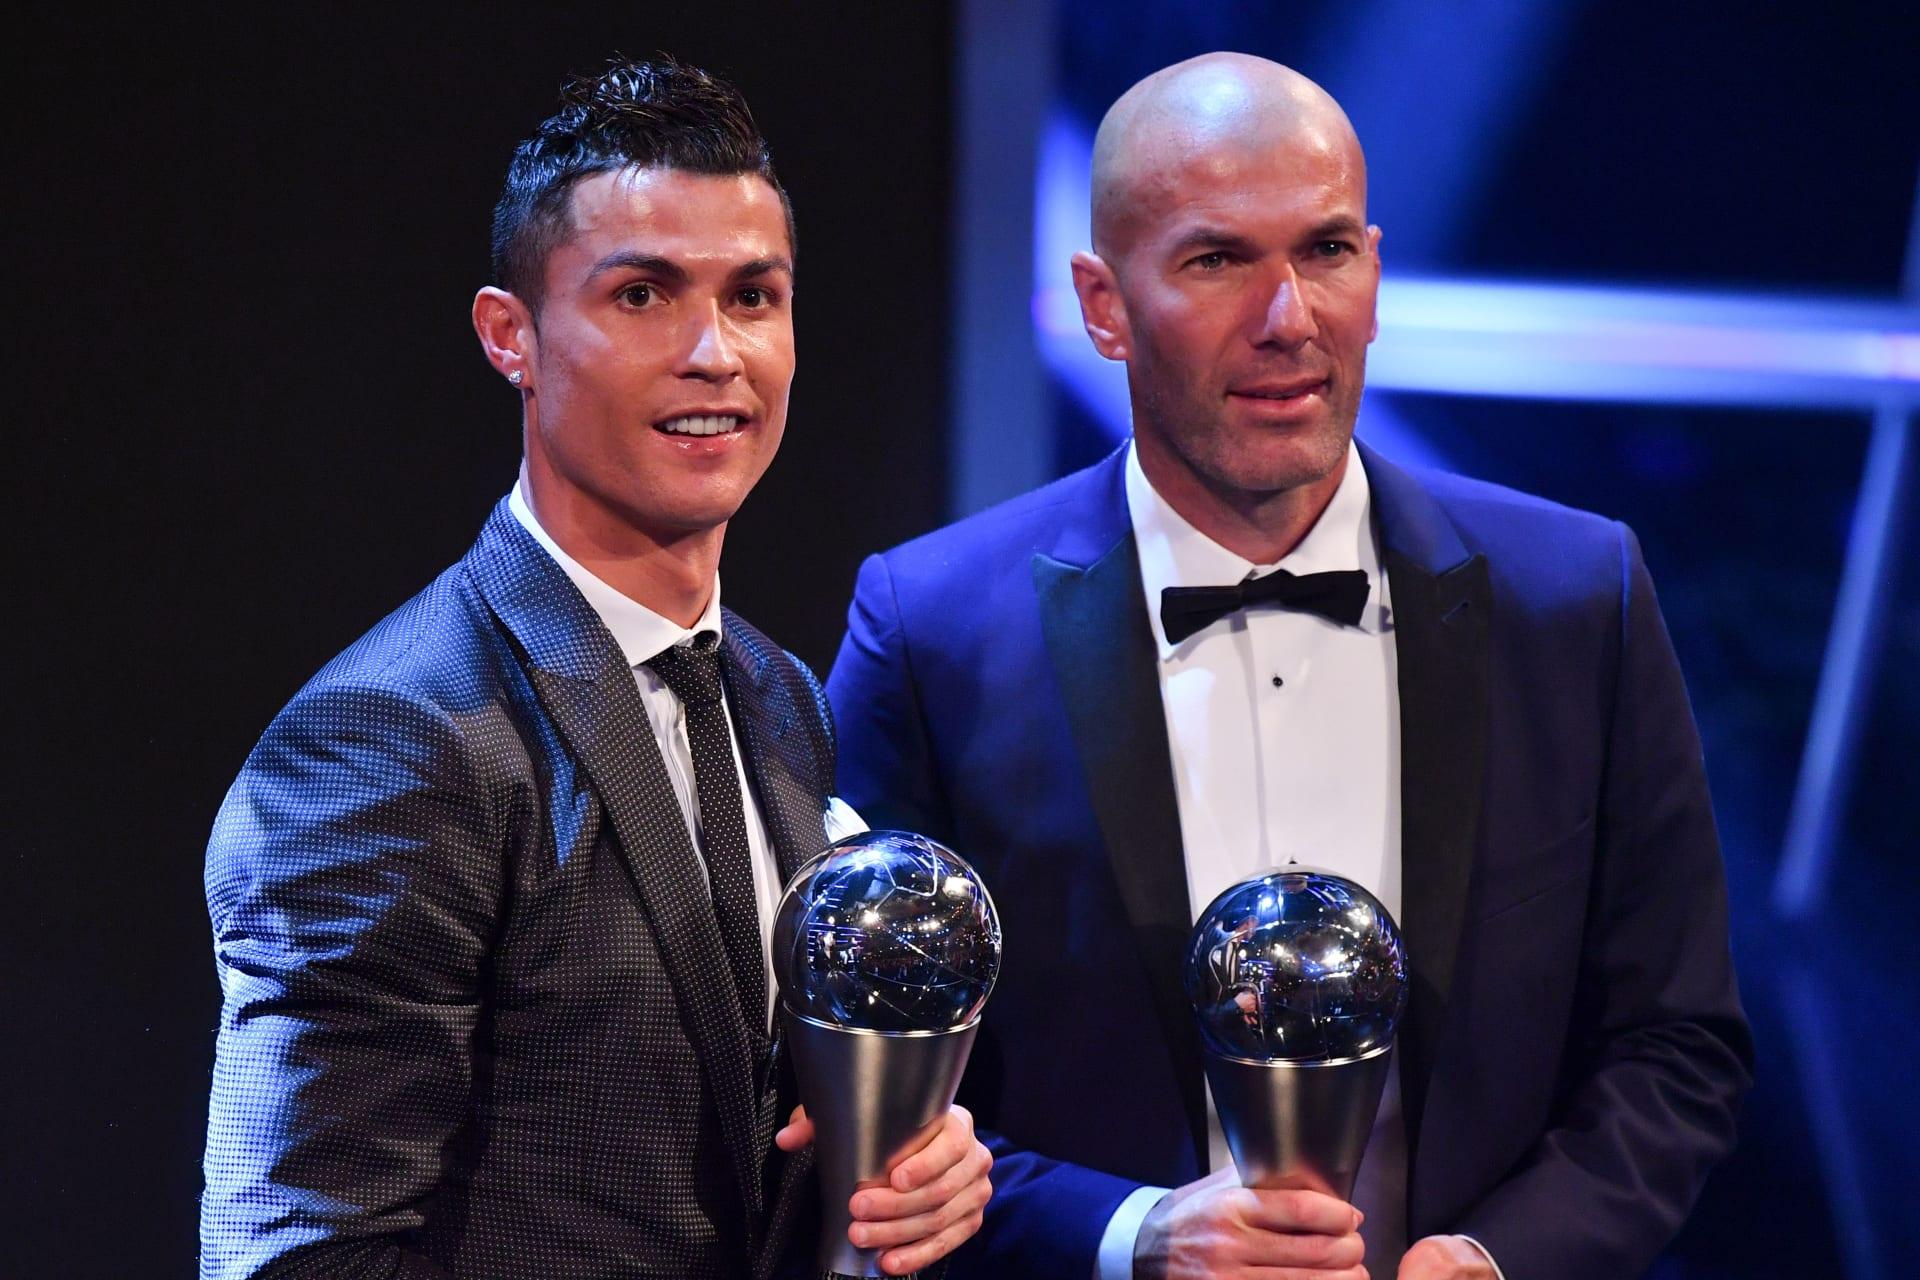 زيدان: لا يمكنني أن أتخيل ريال مدريد بدون رونالدو